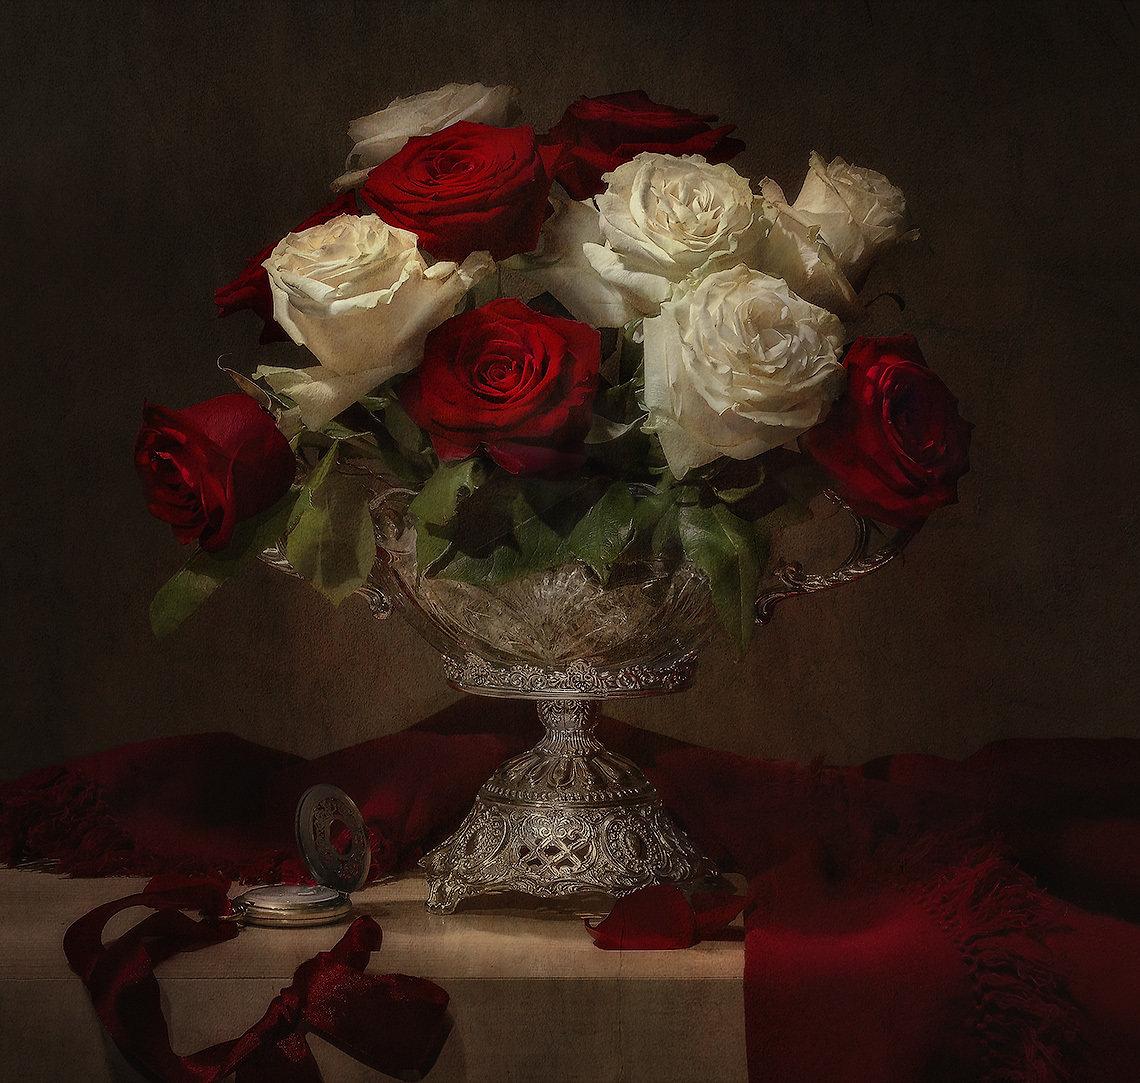 вообще, экспортный великолепные фотонатюрморты с розами помню где